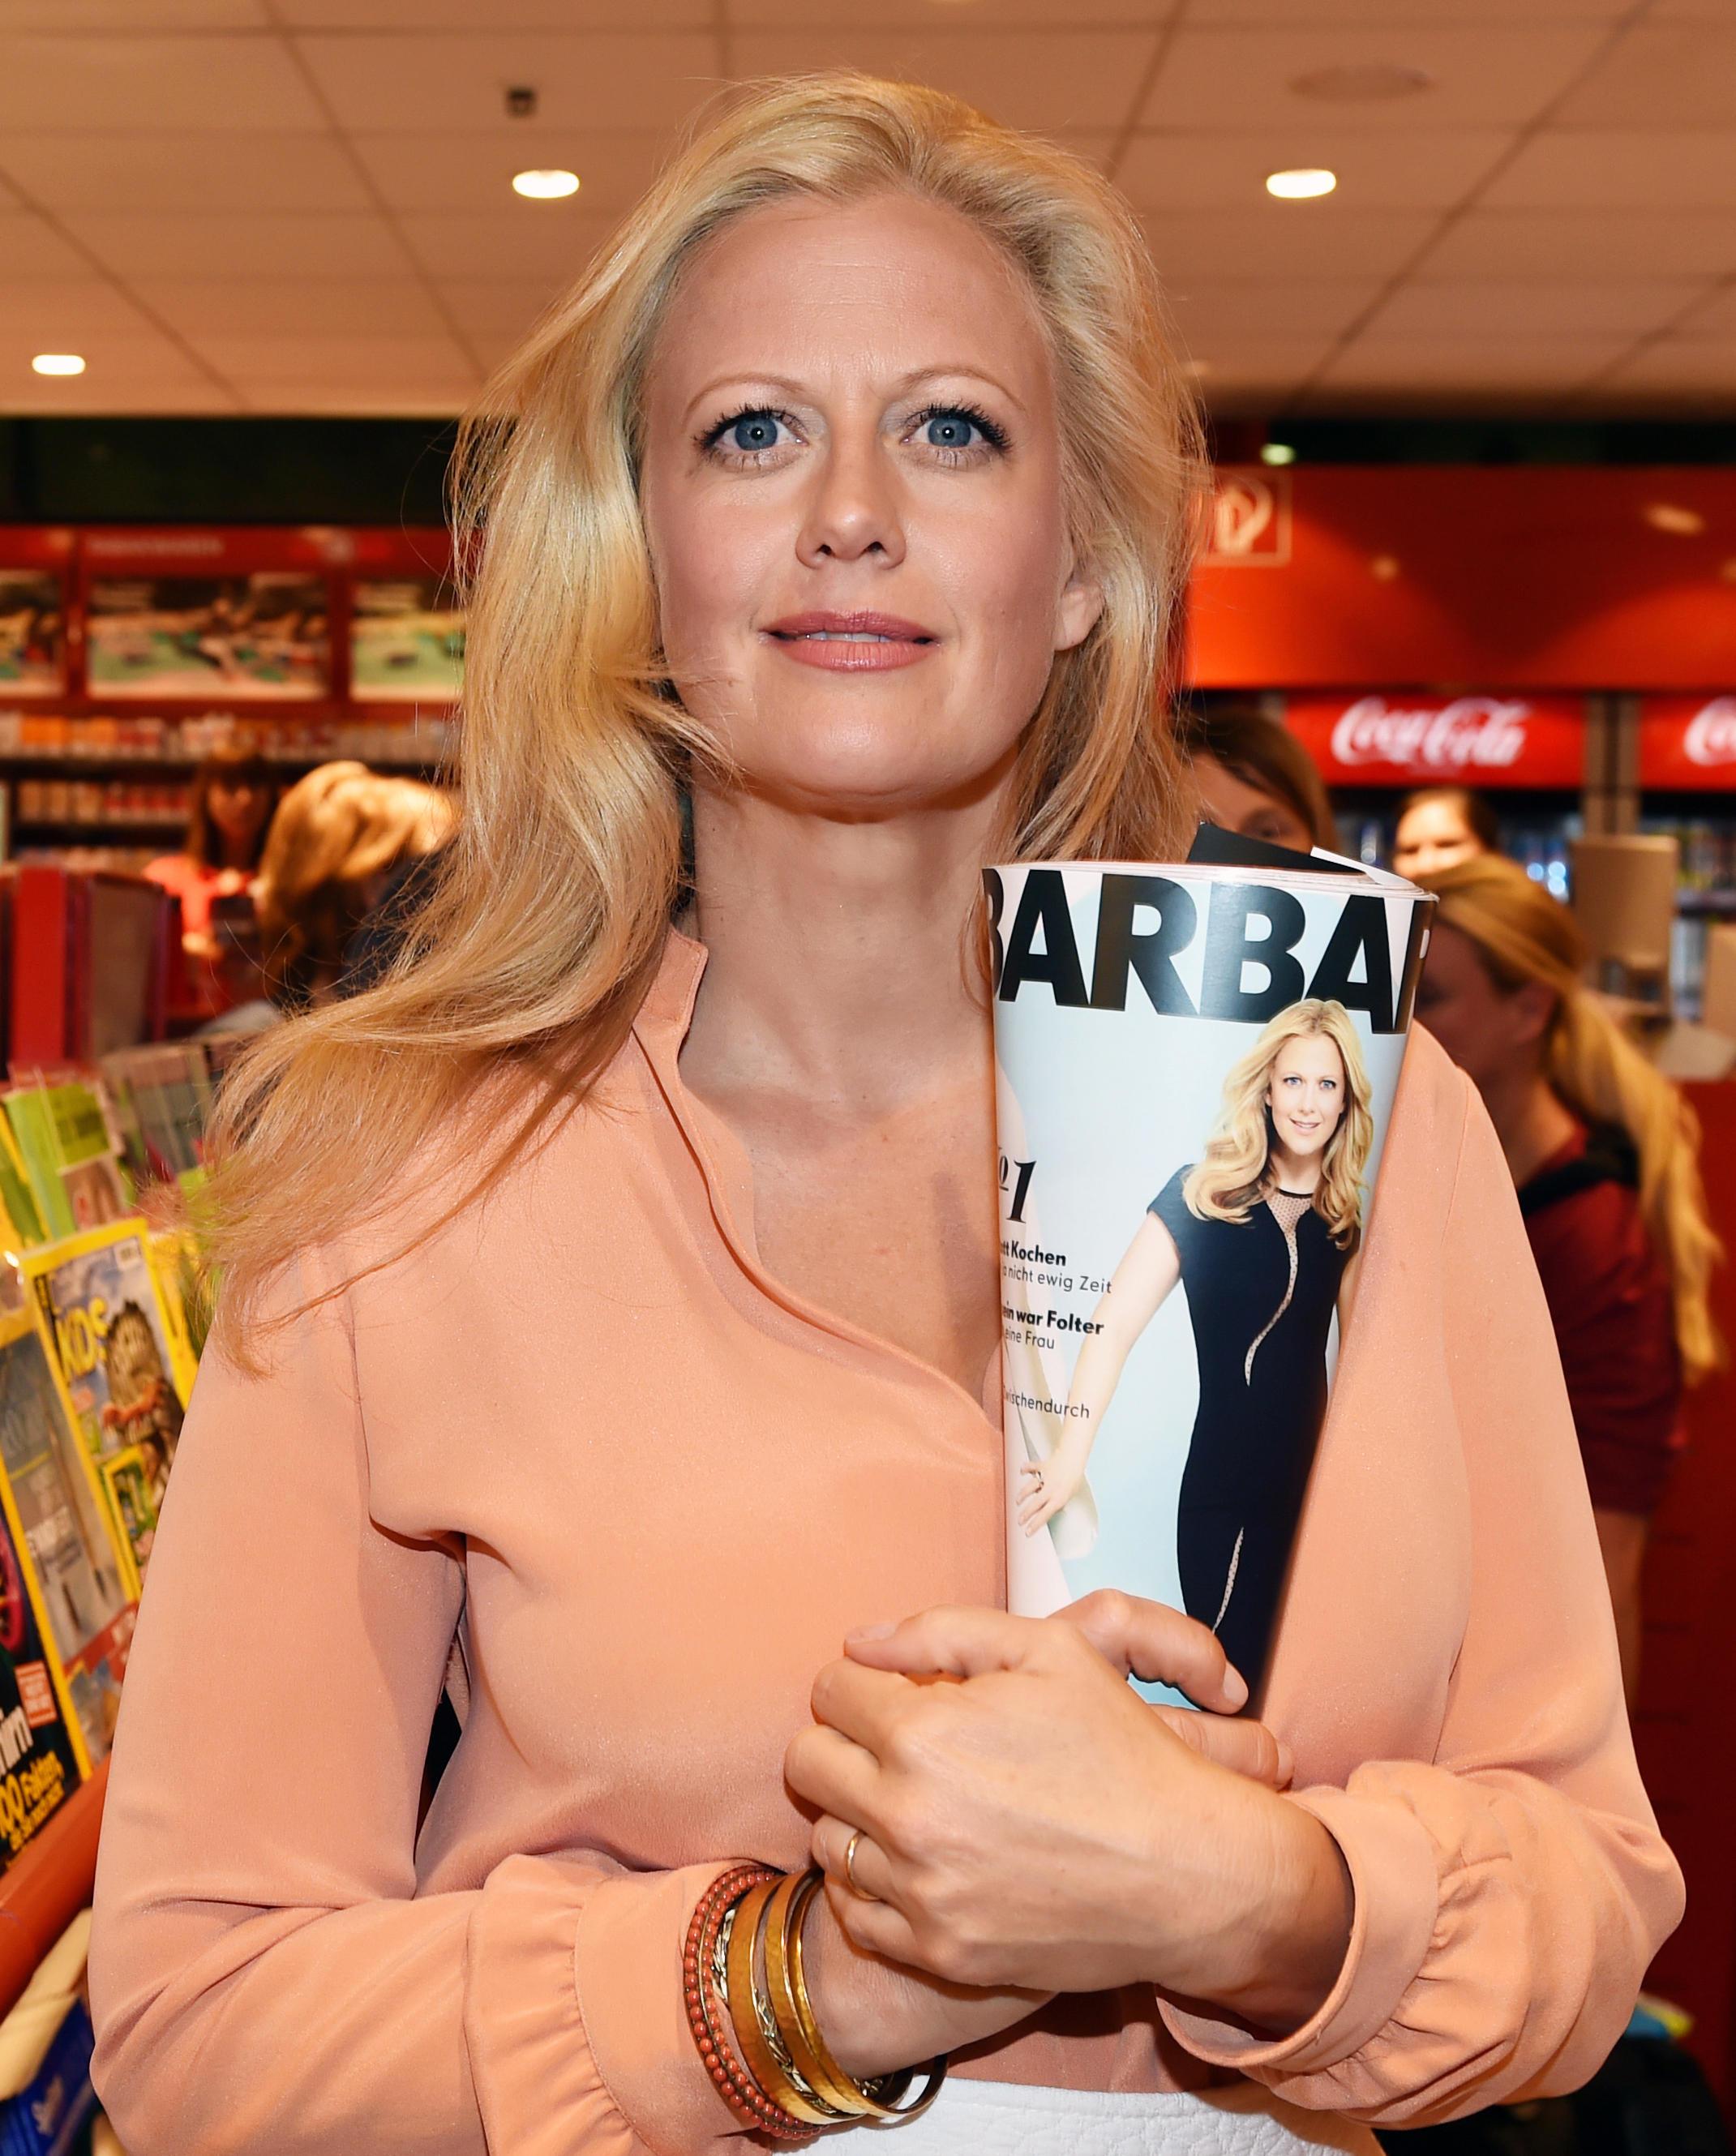 Gruner Und Jahr Zeitschriften barbara schöneberger stellt ihre zeitschrift in berlin vor de